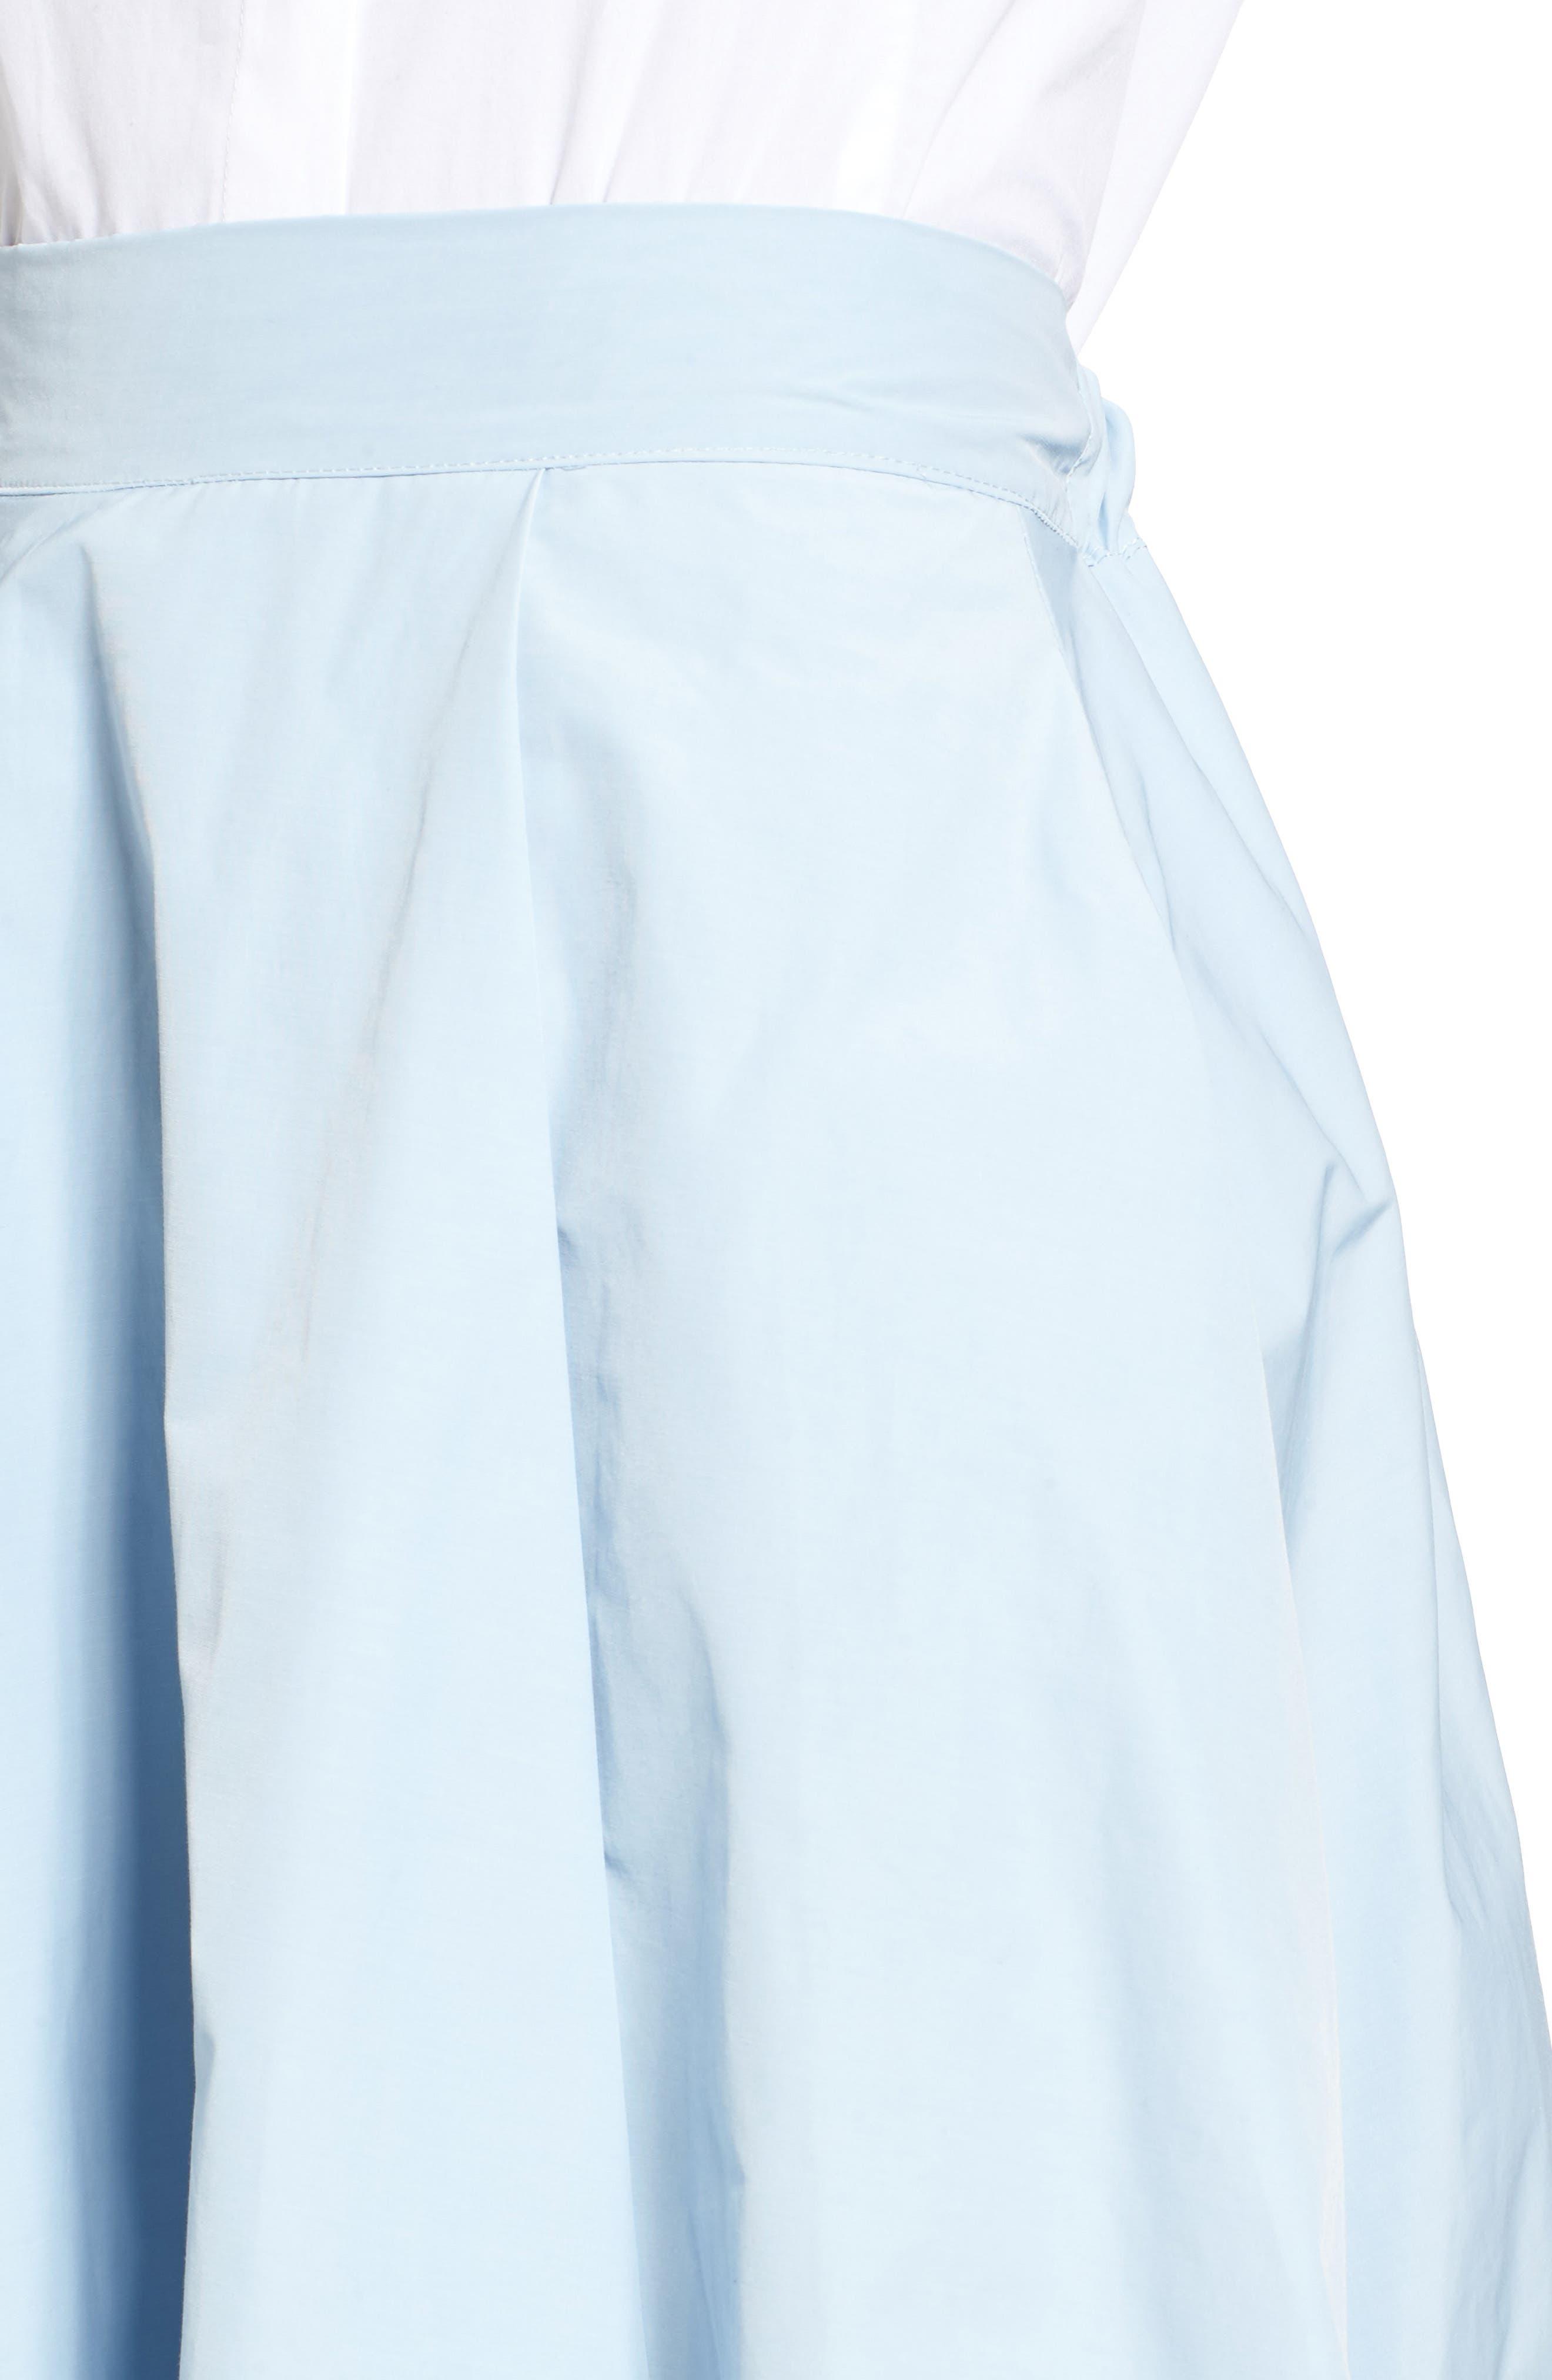 Step Hem Skirt,                             Alternate thumbnail 4, color,                             400